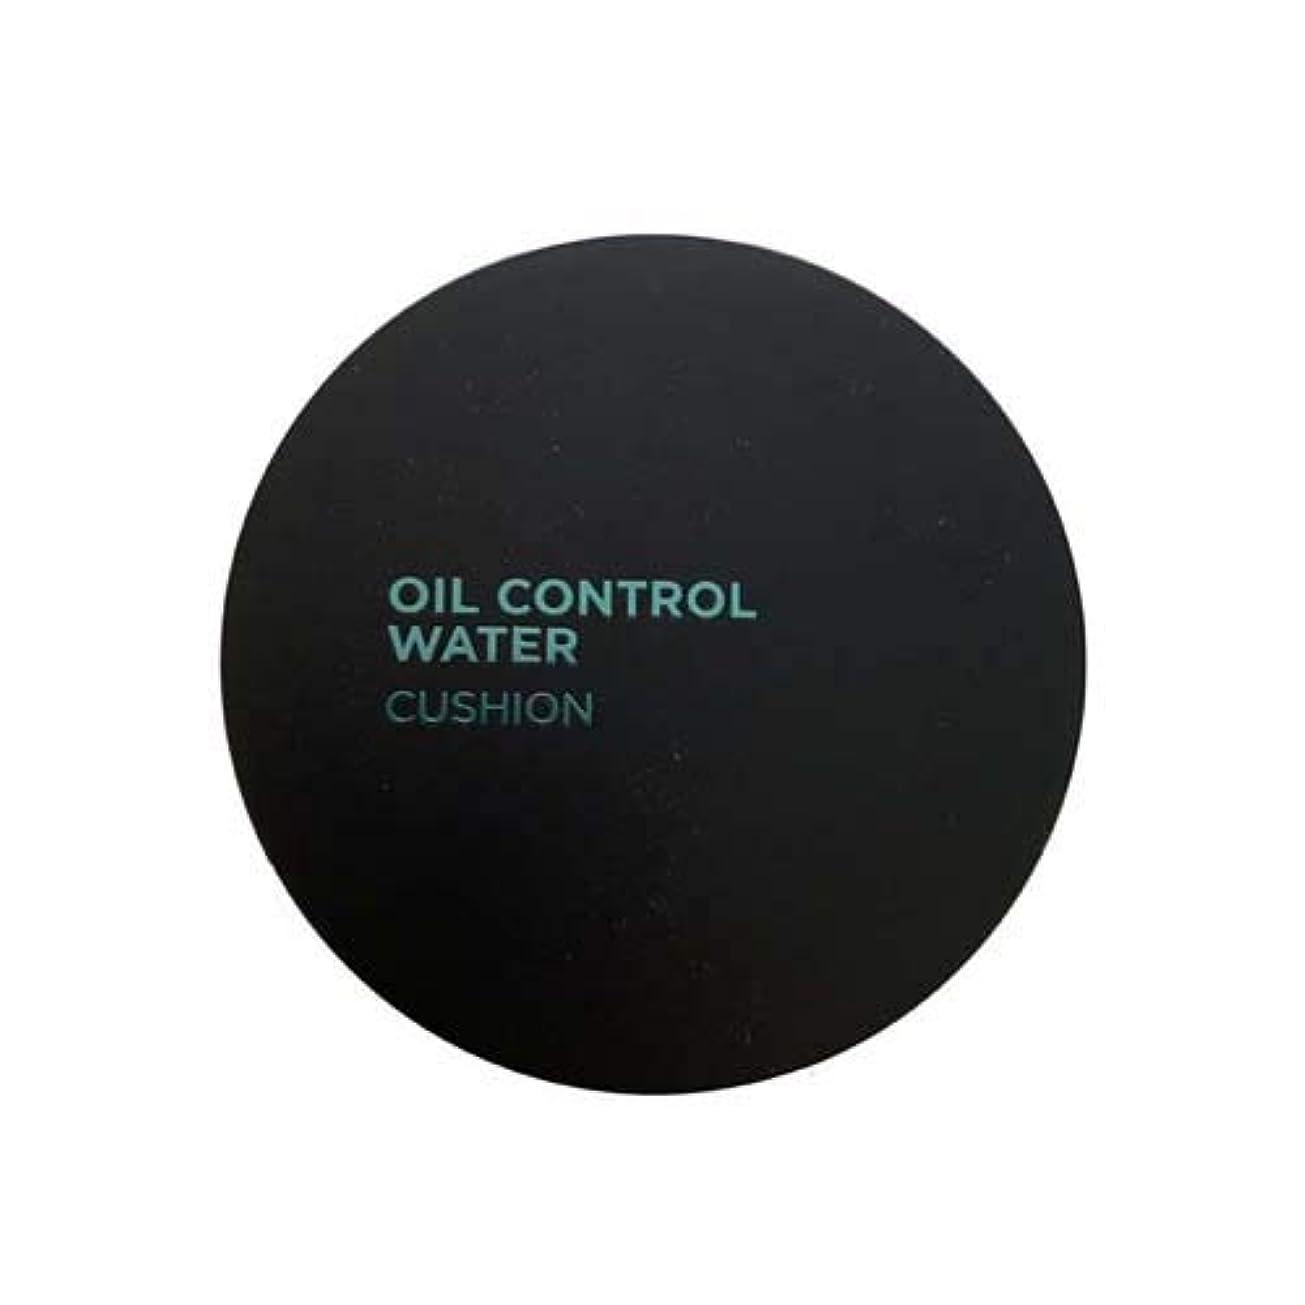 マーベル以来充実[ザ・フェイスショップ] THE FACE SHOP [オイルコントロール水分クッションEX SPF50+ PA+++15g] Oil Control Water Cushion EX 15g [海外直送品] (V201 Apricot Beige)